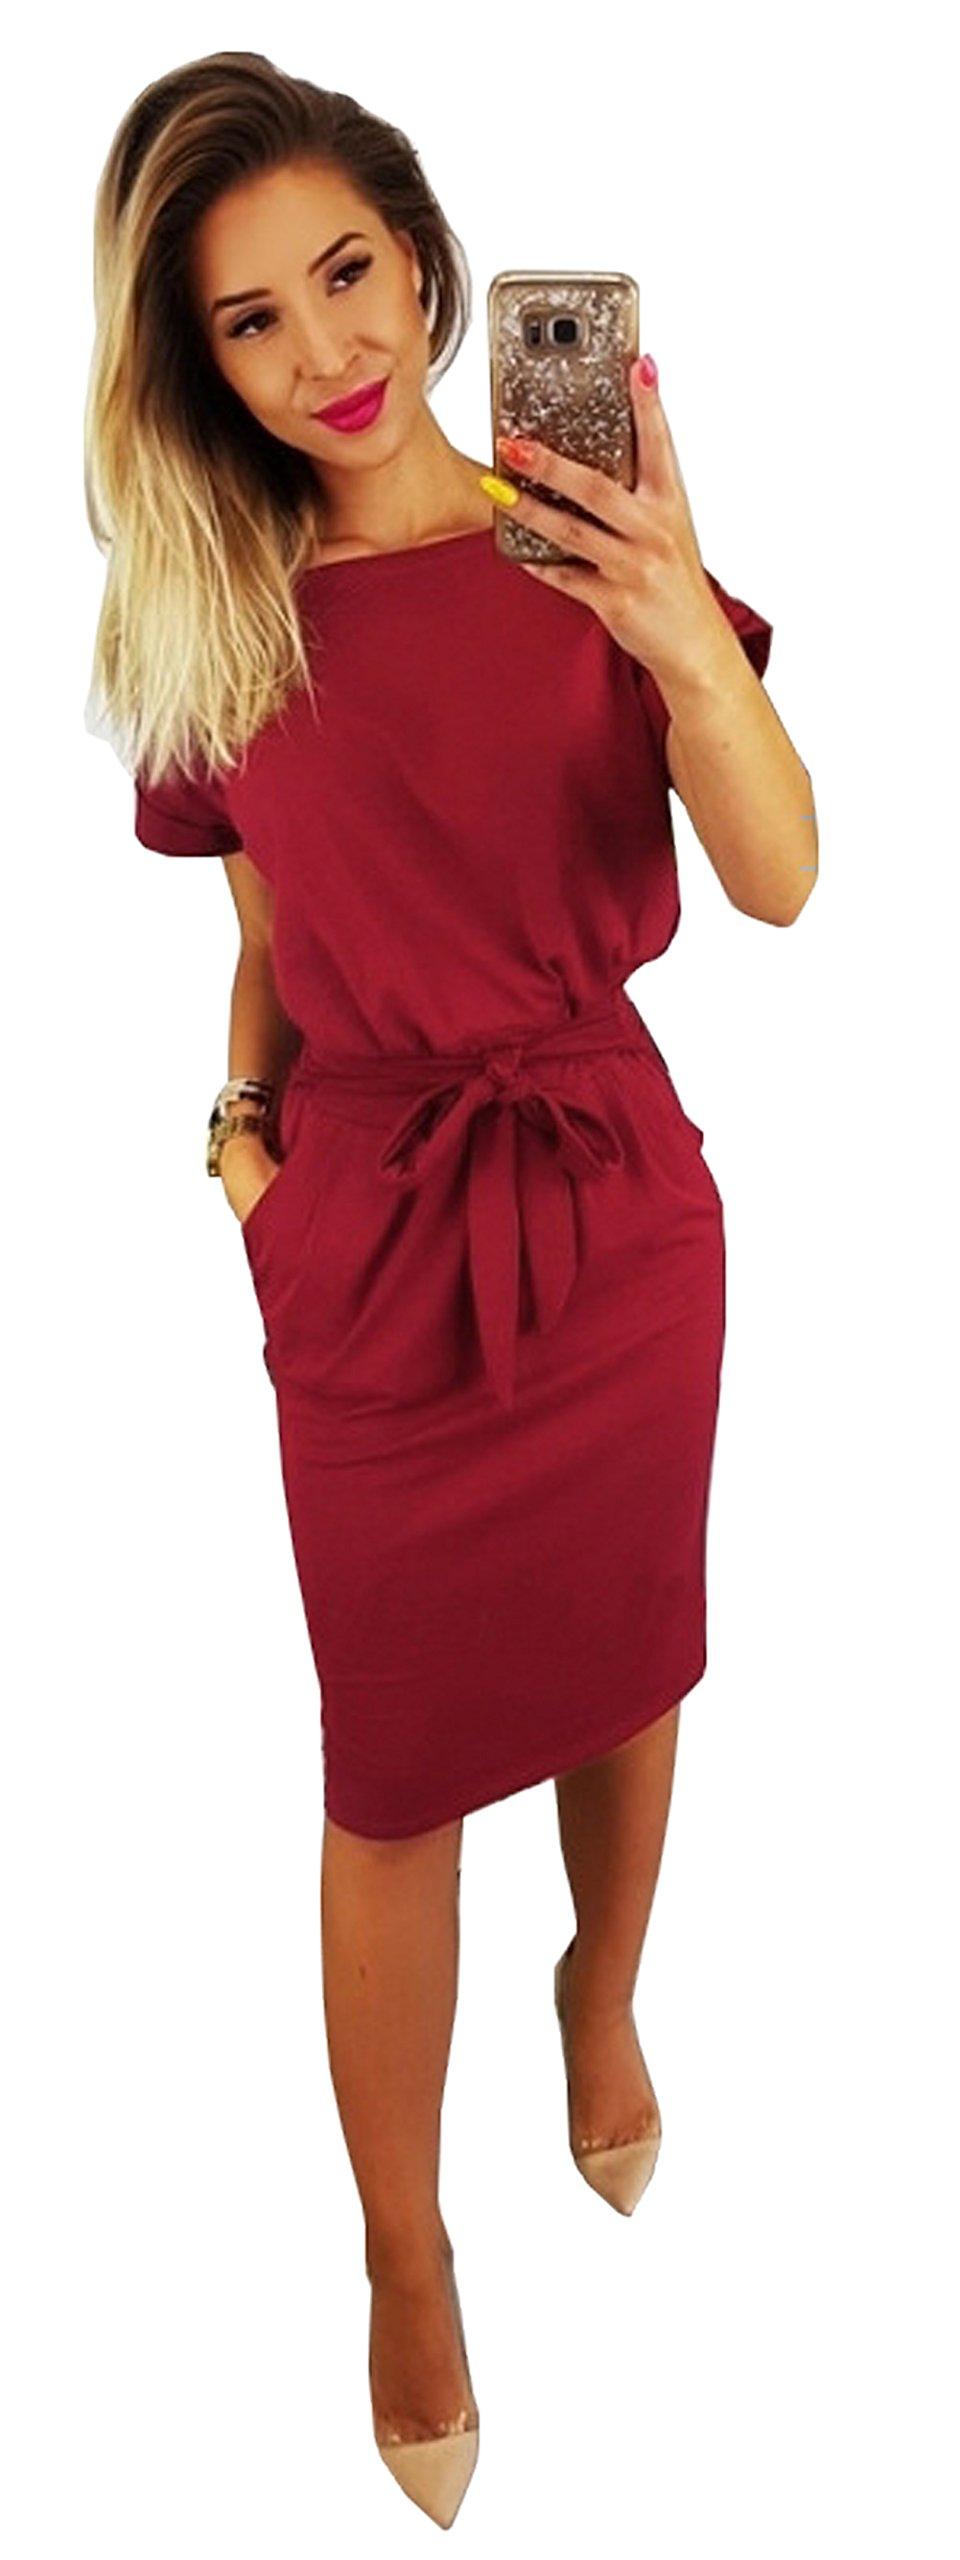 Longwu Women's Elegant Short Sleeve Wear to Work Casual Pencil Dress with Belt Wine Red-S